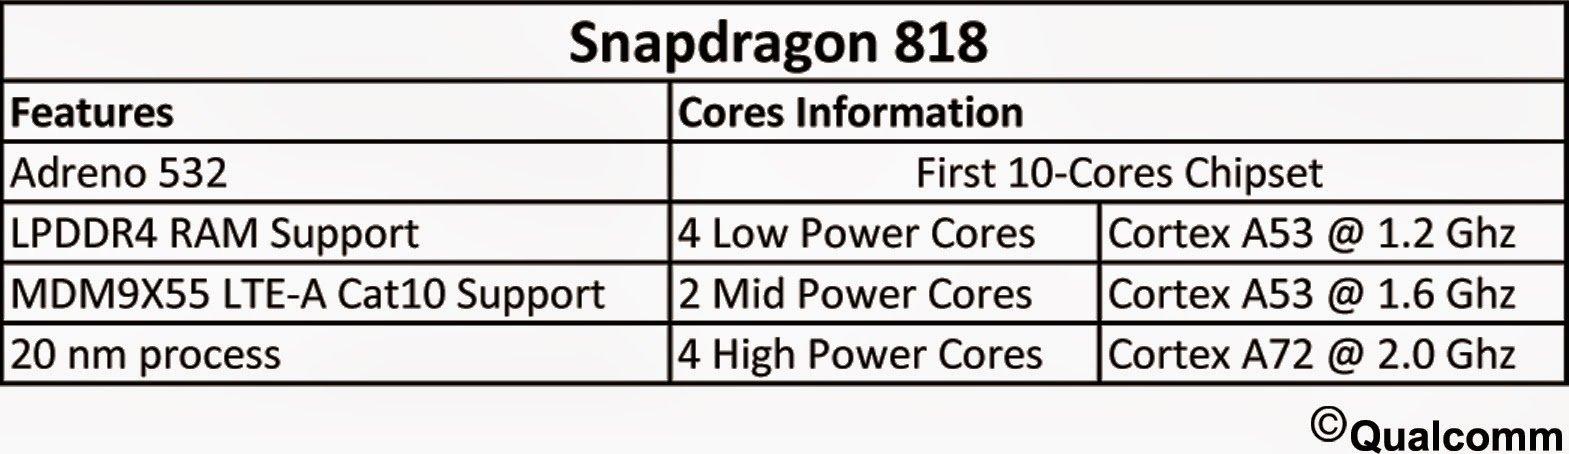 Angebliche Spezifikationen des Snapdragon 818